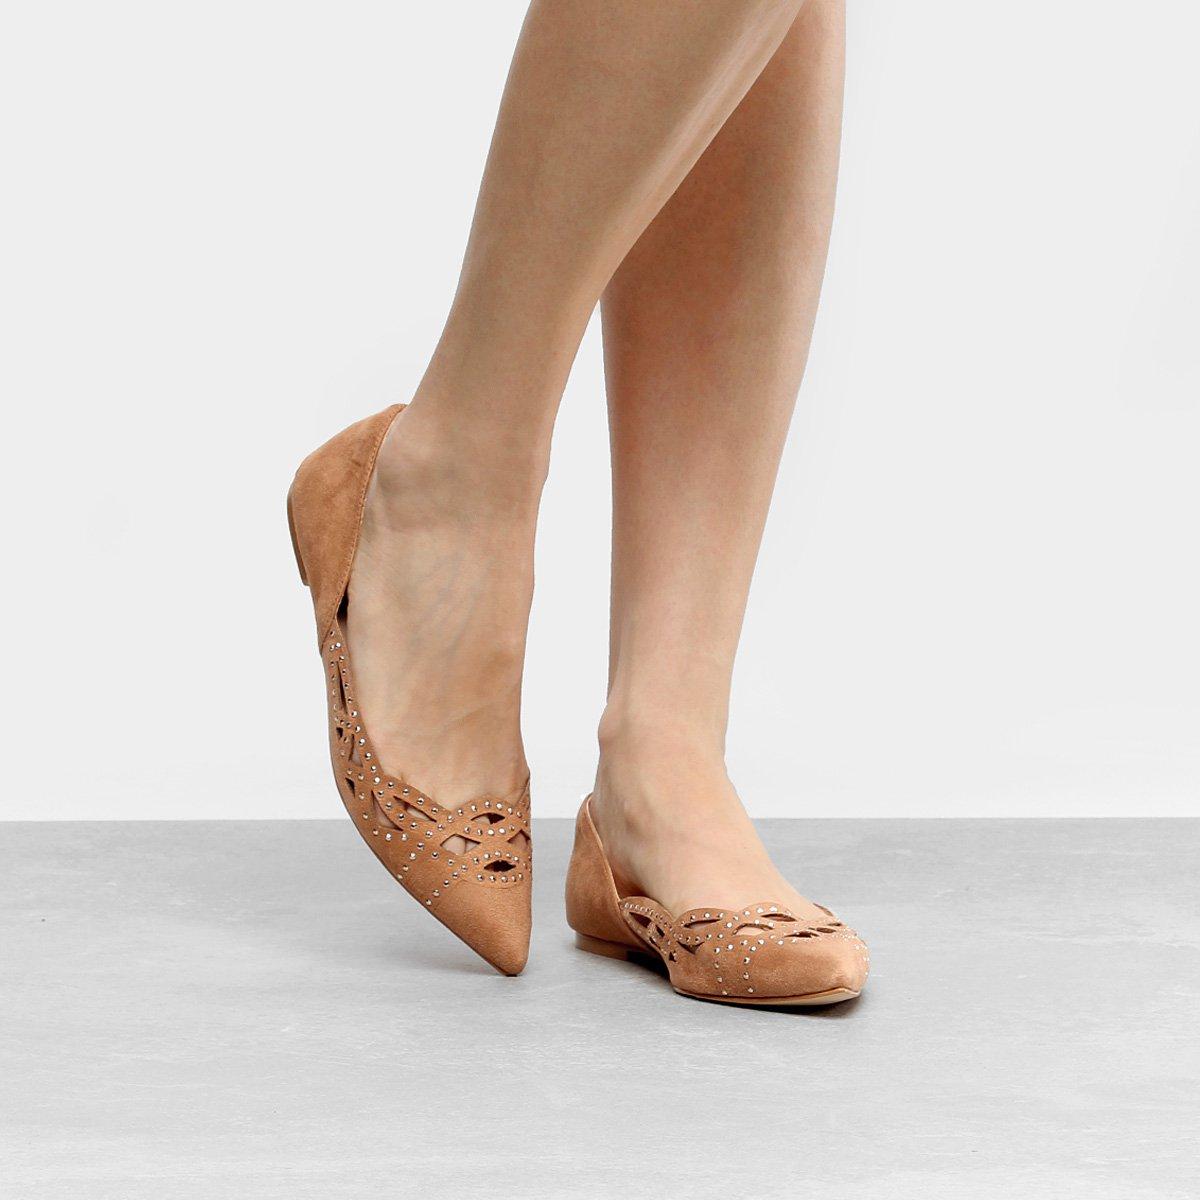 ce7e553e43 Sapatilha Shoestock Vazada Feminina - Compre Agora